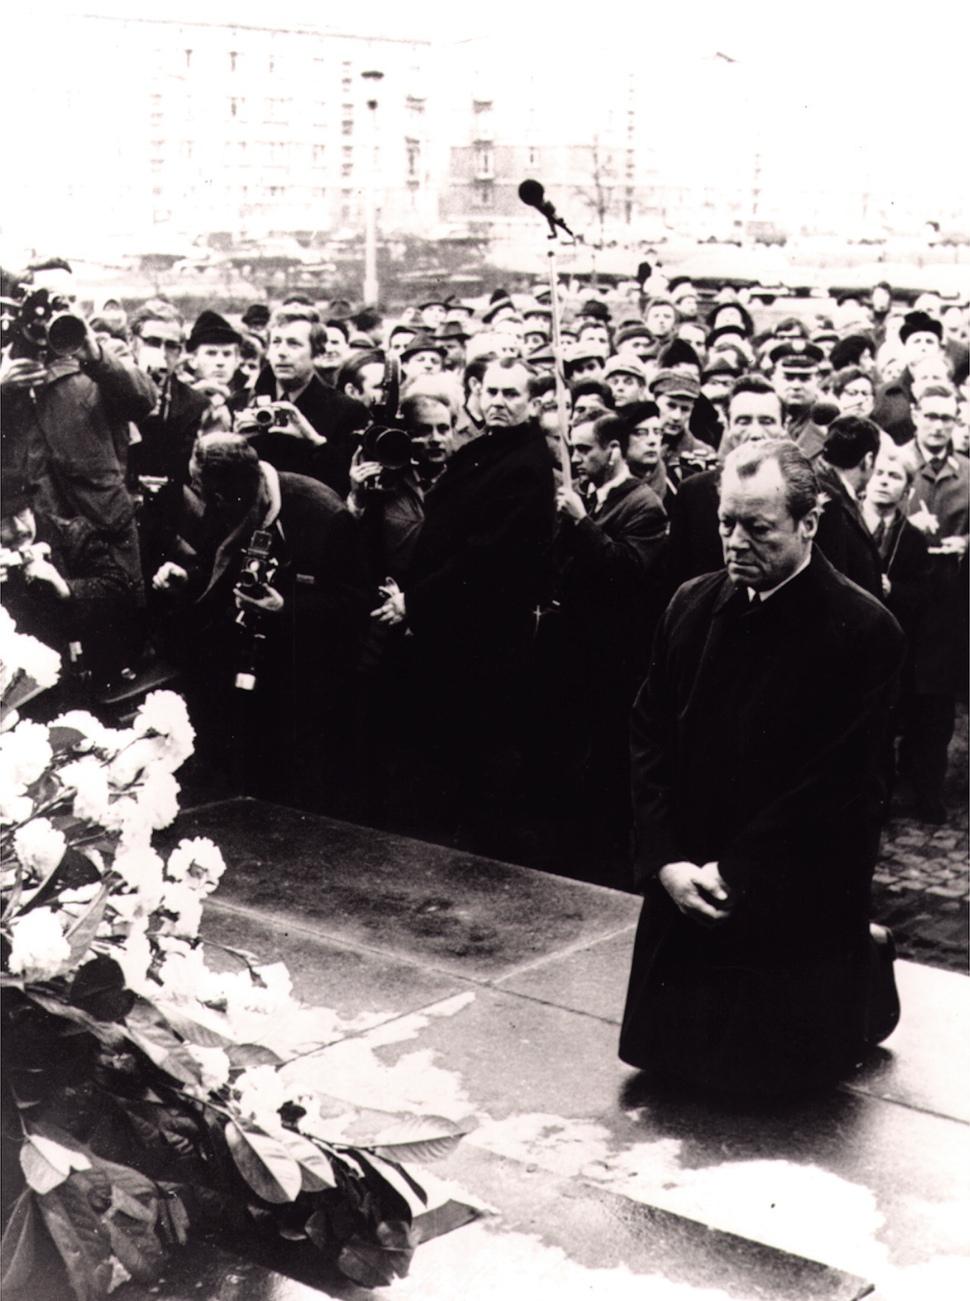 빌리 브란트 서독 총리가 1970년 12월 폴란드 바르샤바를 방문해 1943년 발생한 유대인 봉기와 희생을 기리는 위령탑 앞에 무릎 꿇고 앉았다. 재레드 다이아몬드 교수는 일본과는 달리 독일이 나치의 과거를 인정함으로써 이웃 국가들과 정직한 관계를 회복할 수 있었다고 본다. 연합뉴스